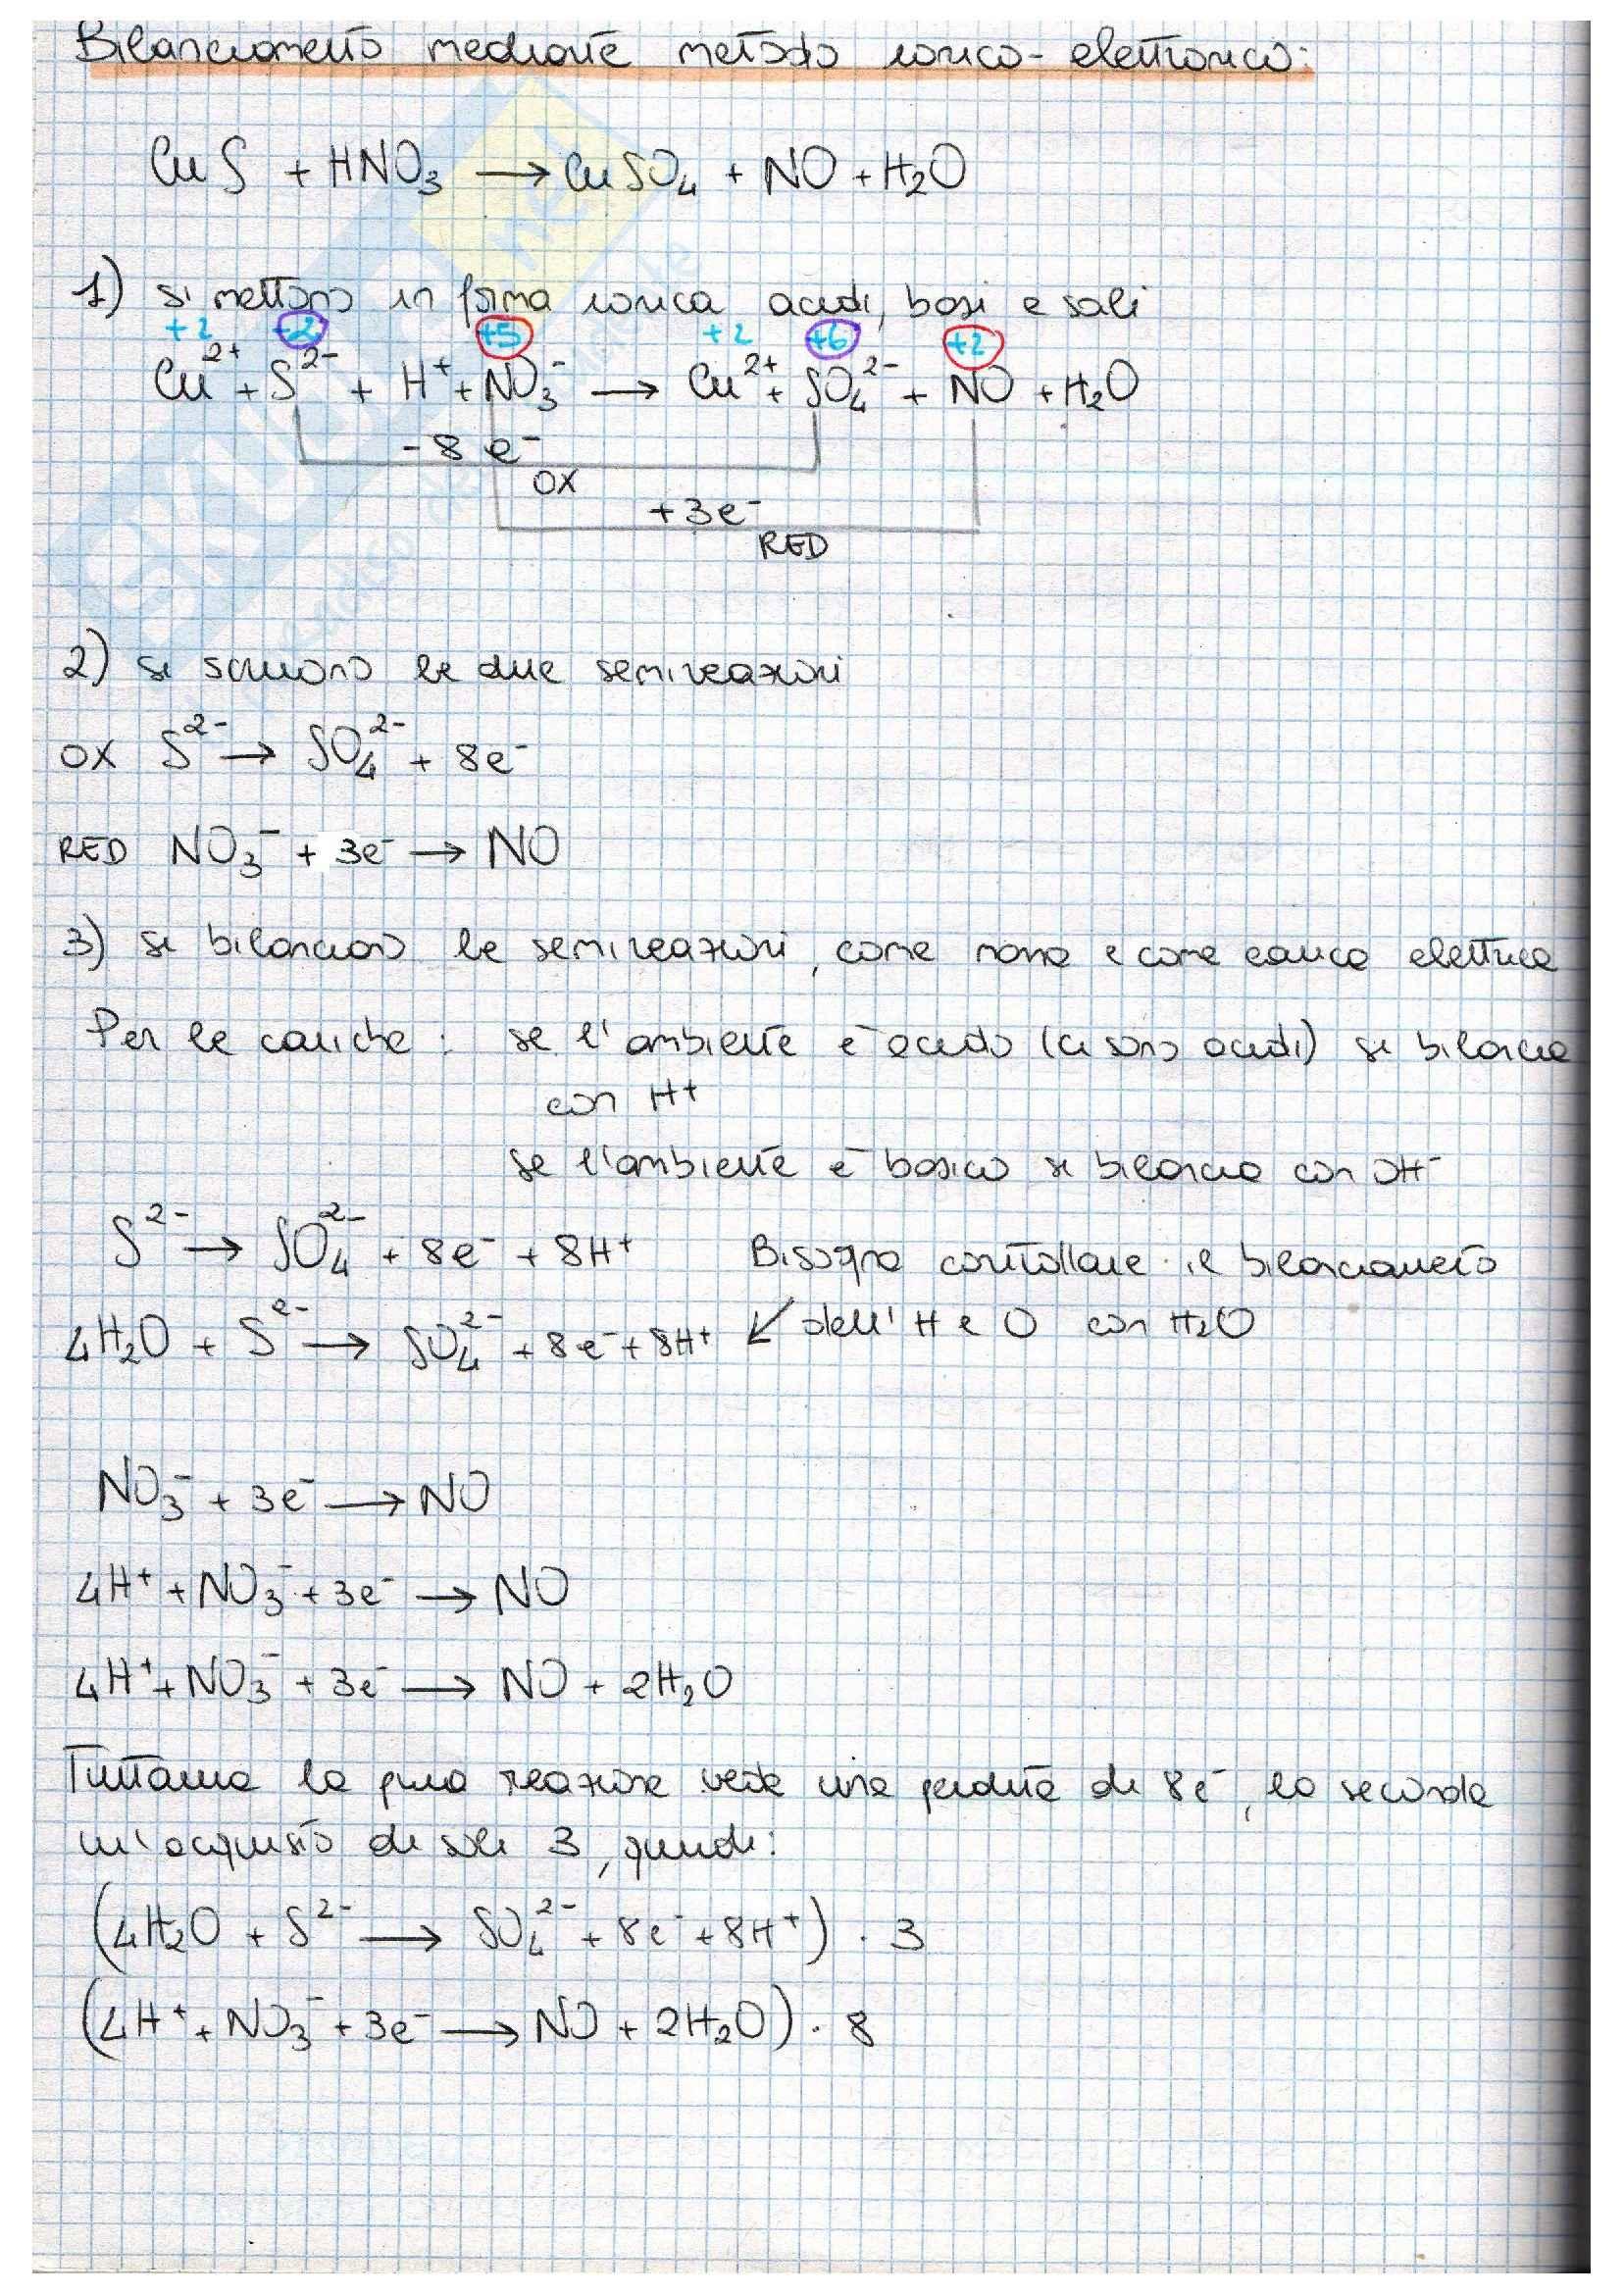 Metodo di bilanciamento reazioni redox, Chimica